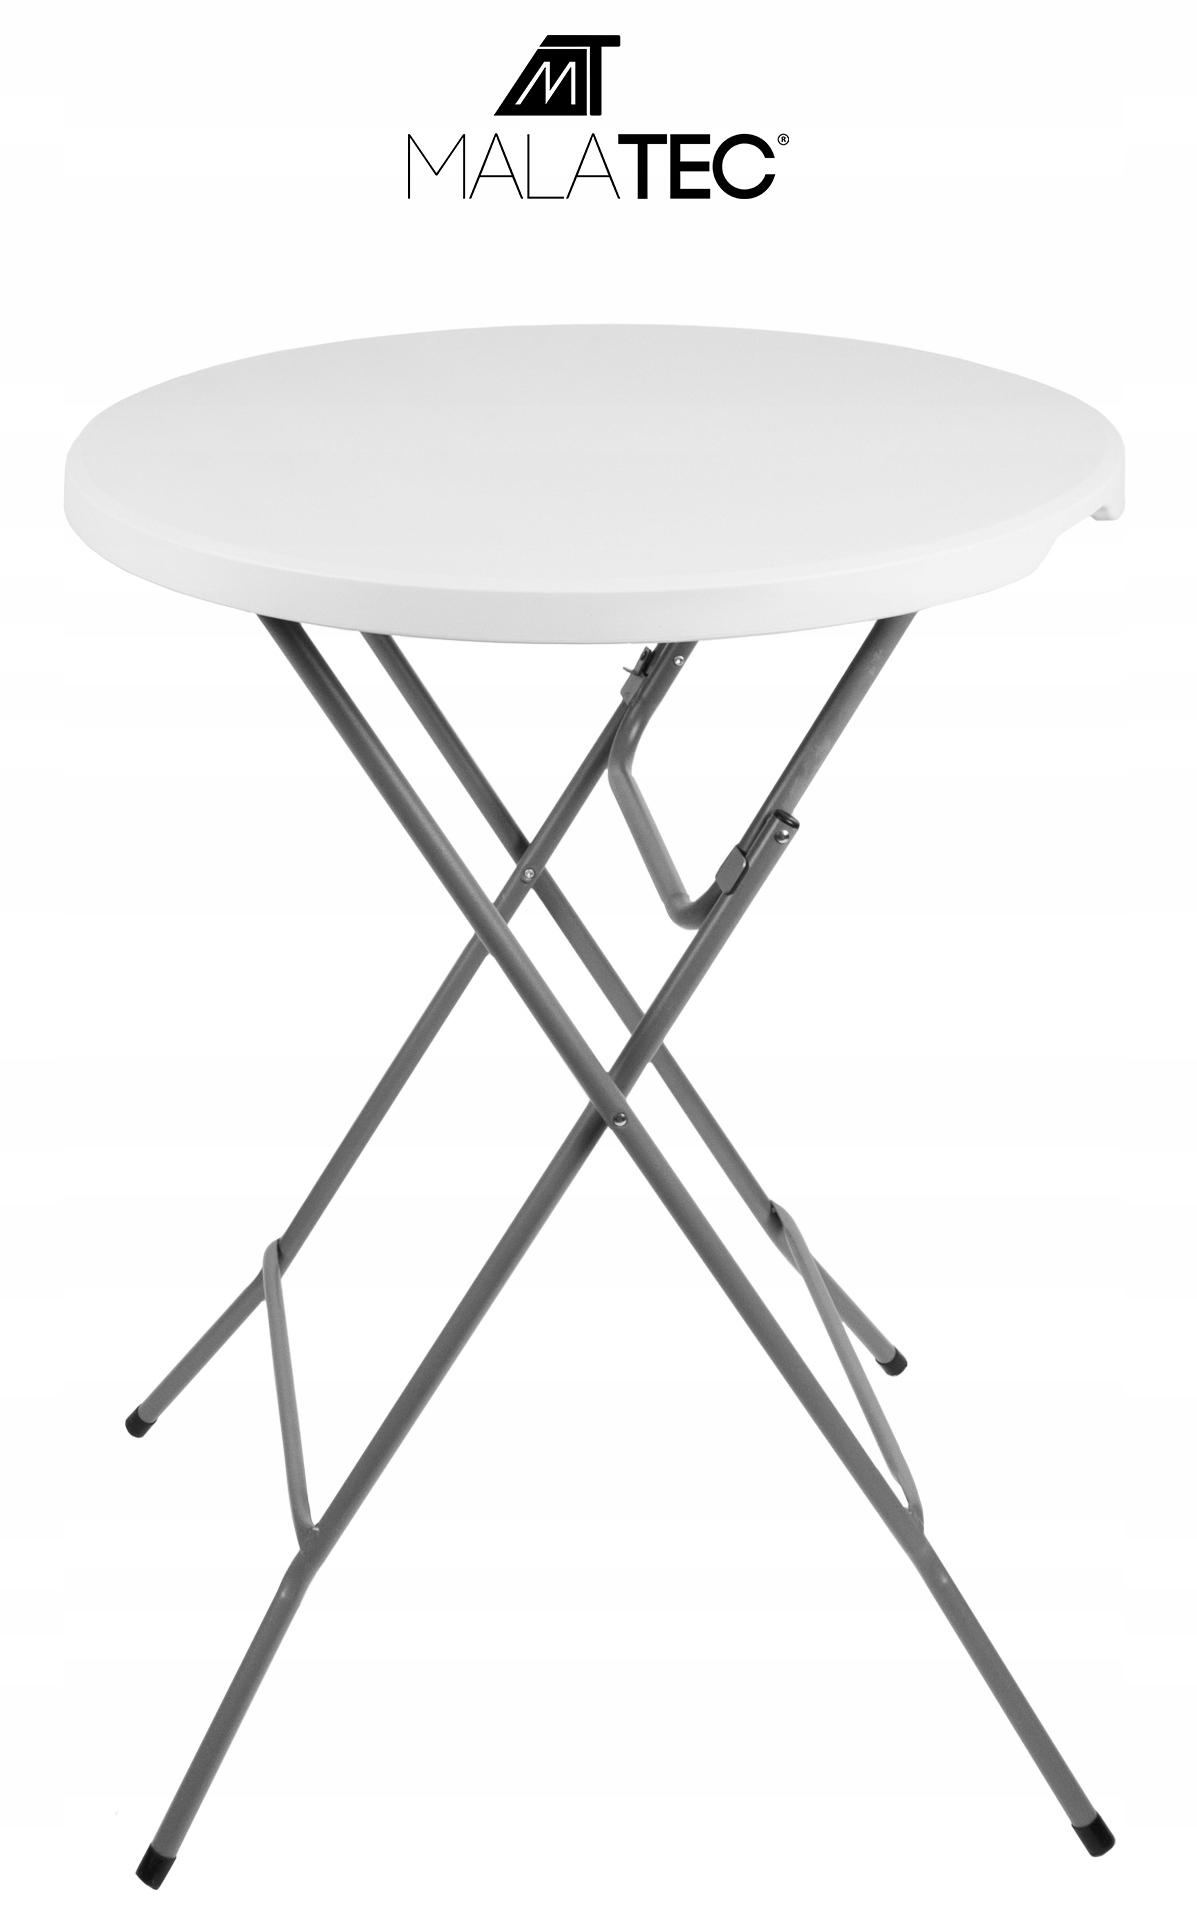 Malatec Záhradný barový stolík okrúhly 80 cm - biely, 12283